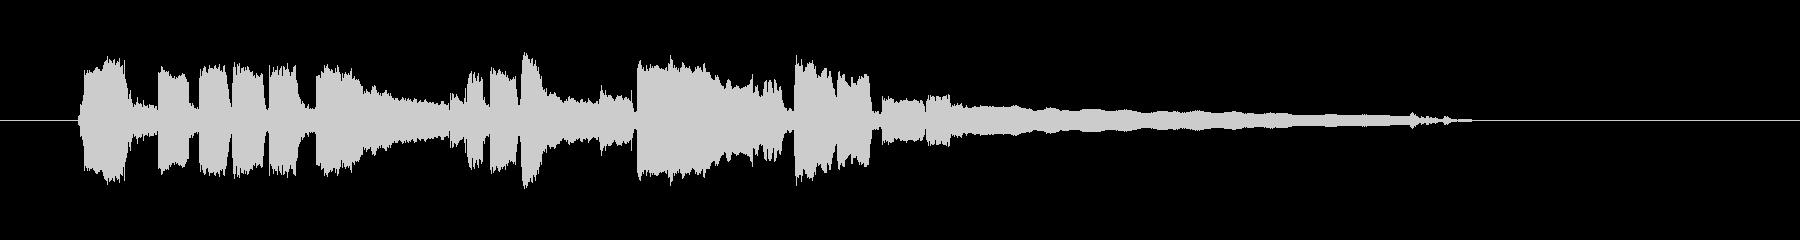 ブルースギター-ショートソロ4の未再生の波形